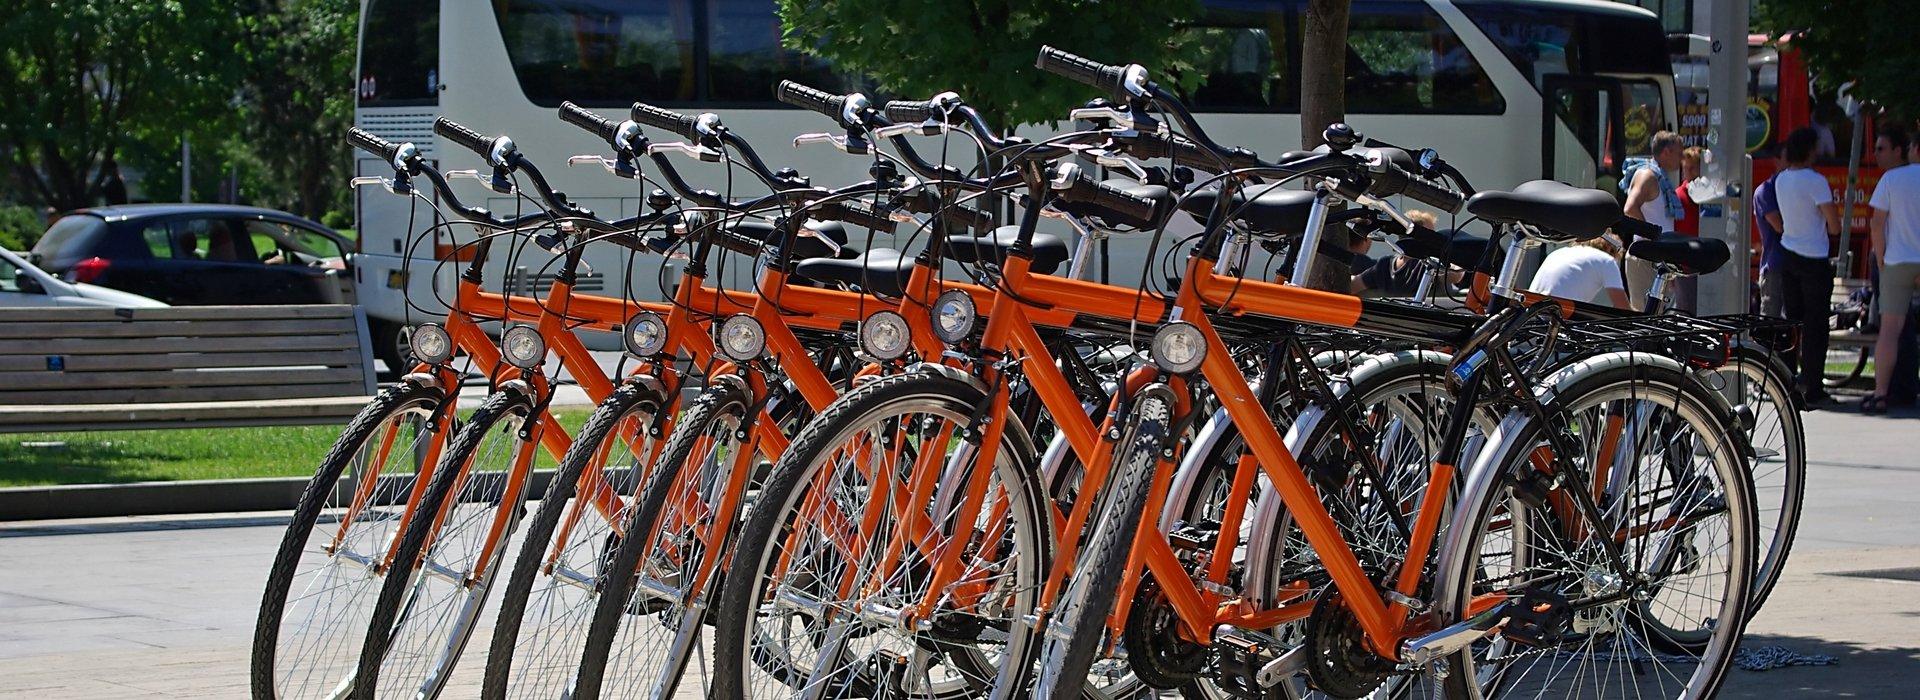 Stadtrundfahrt mit Fahrrad